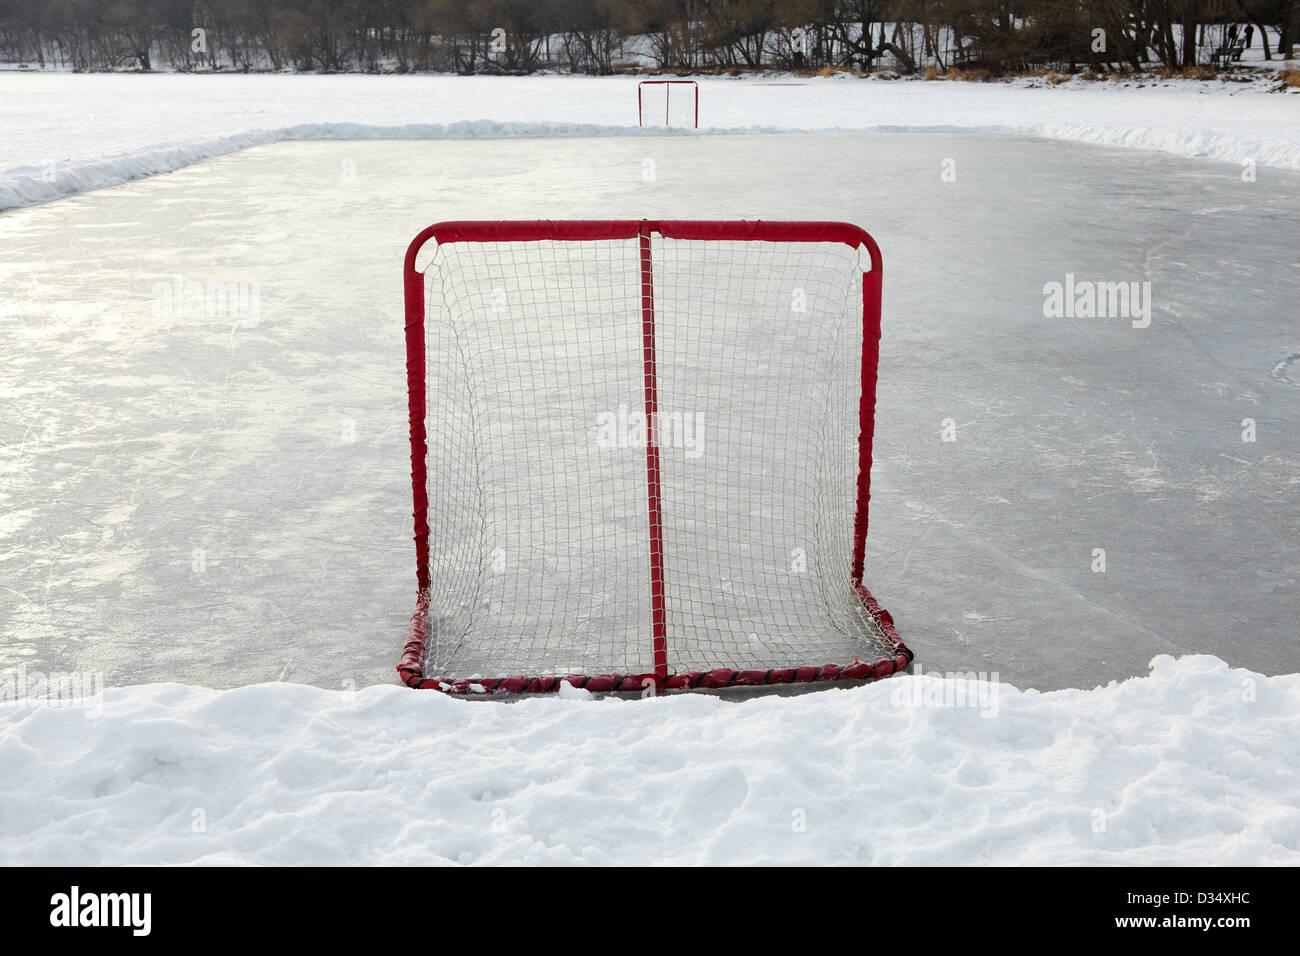 Home realizzato ice hockey ghiaccio con reti di obiettivo Immagini Stock